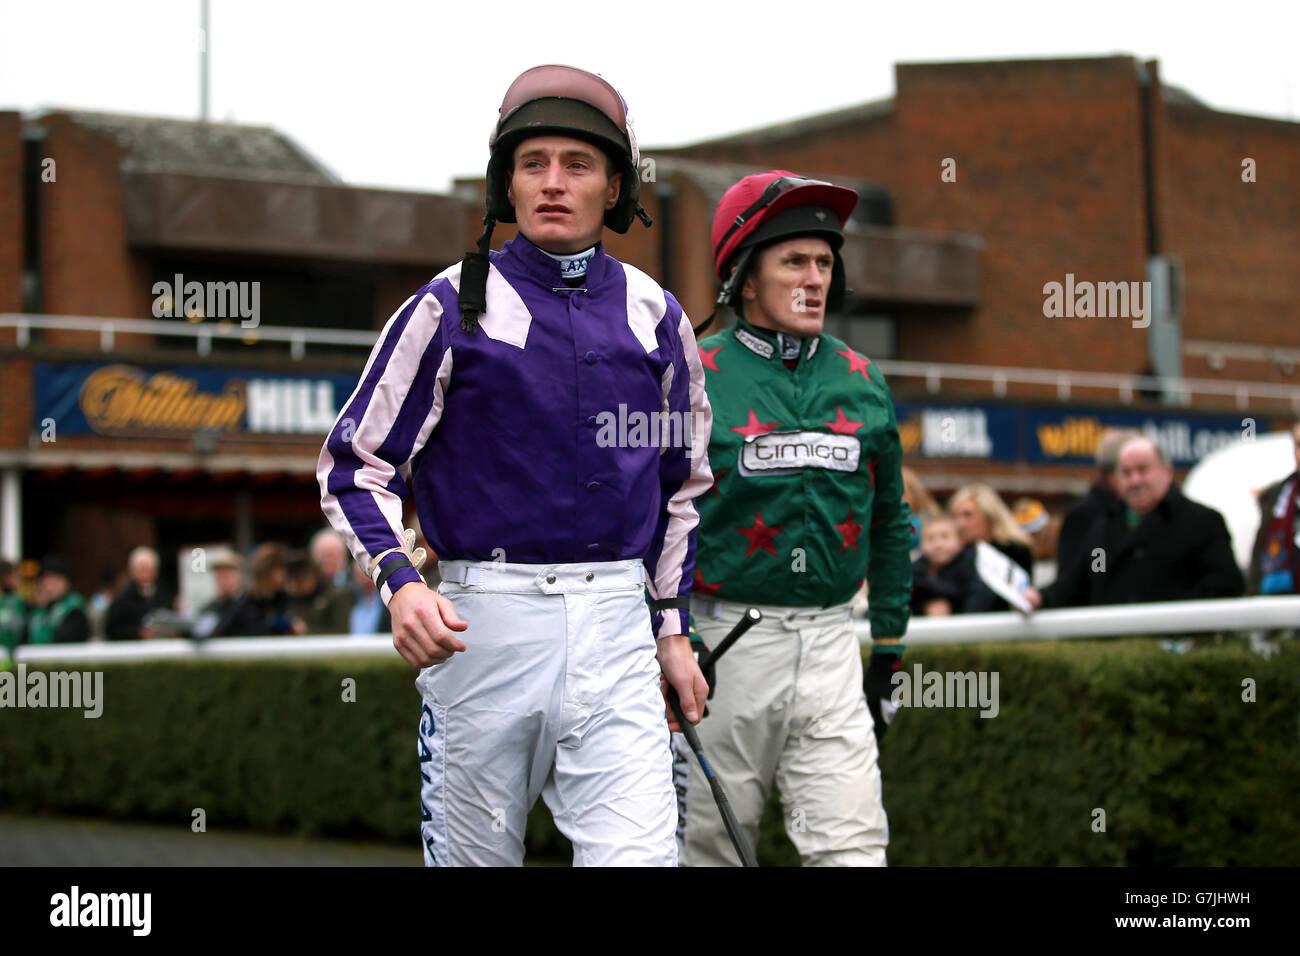 Horse Racing - 2014 William Hill Festival invernale - Giorno 1 - Kempton Park Immagini Stock